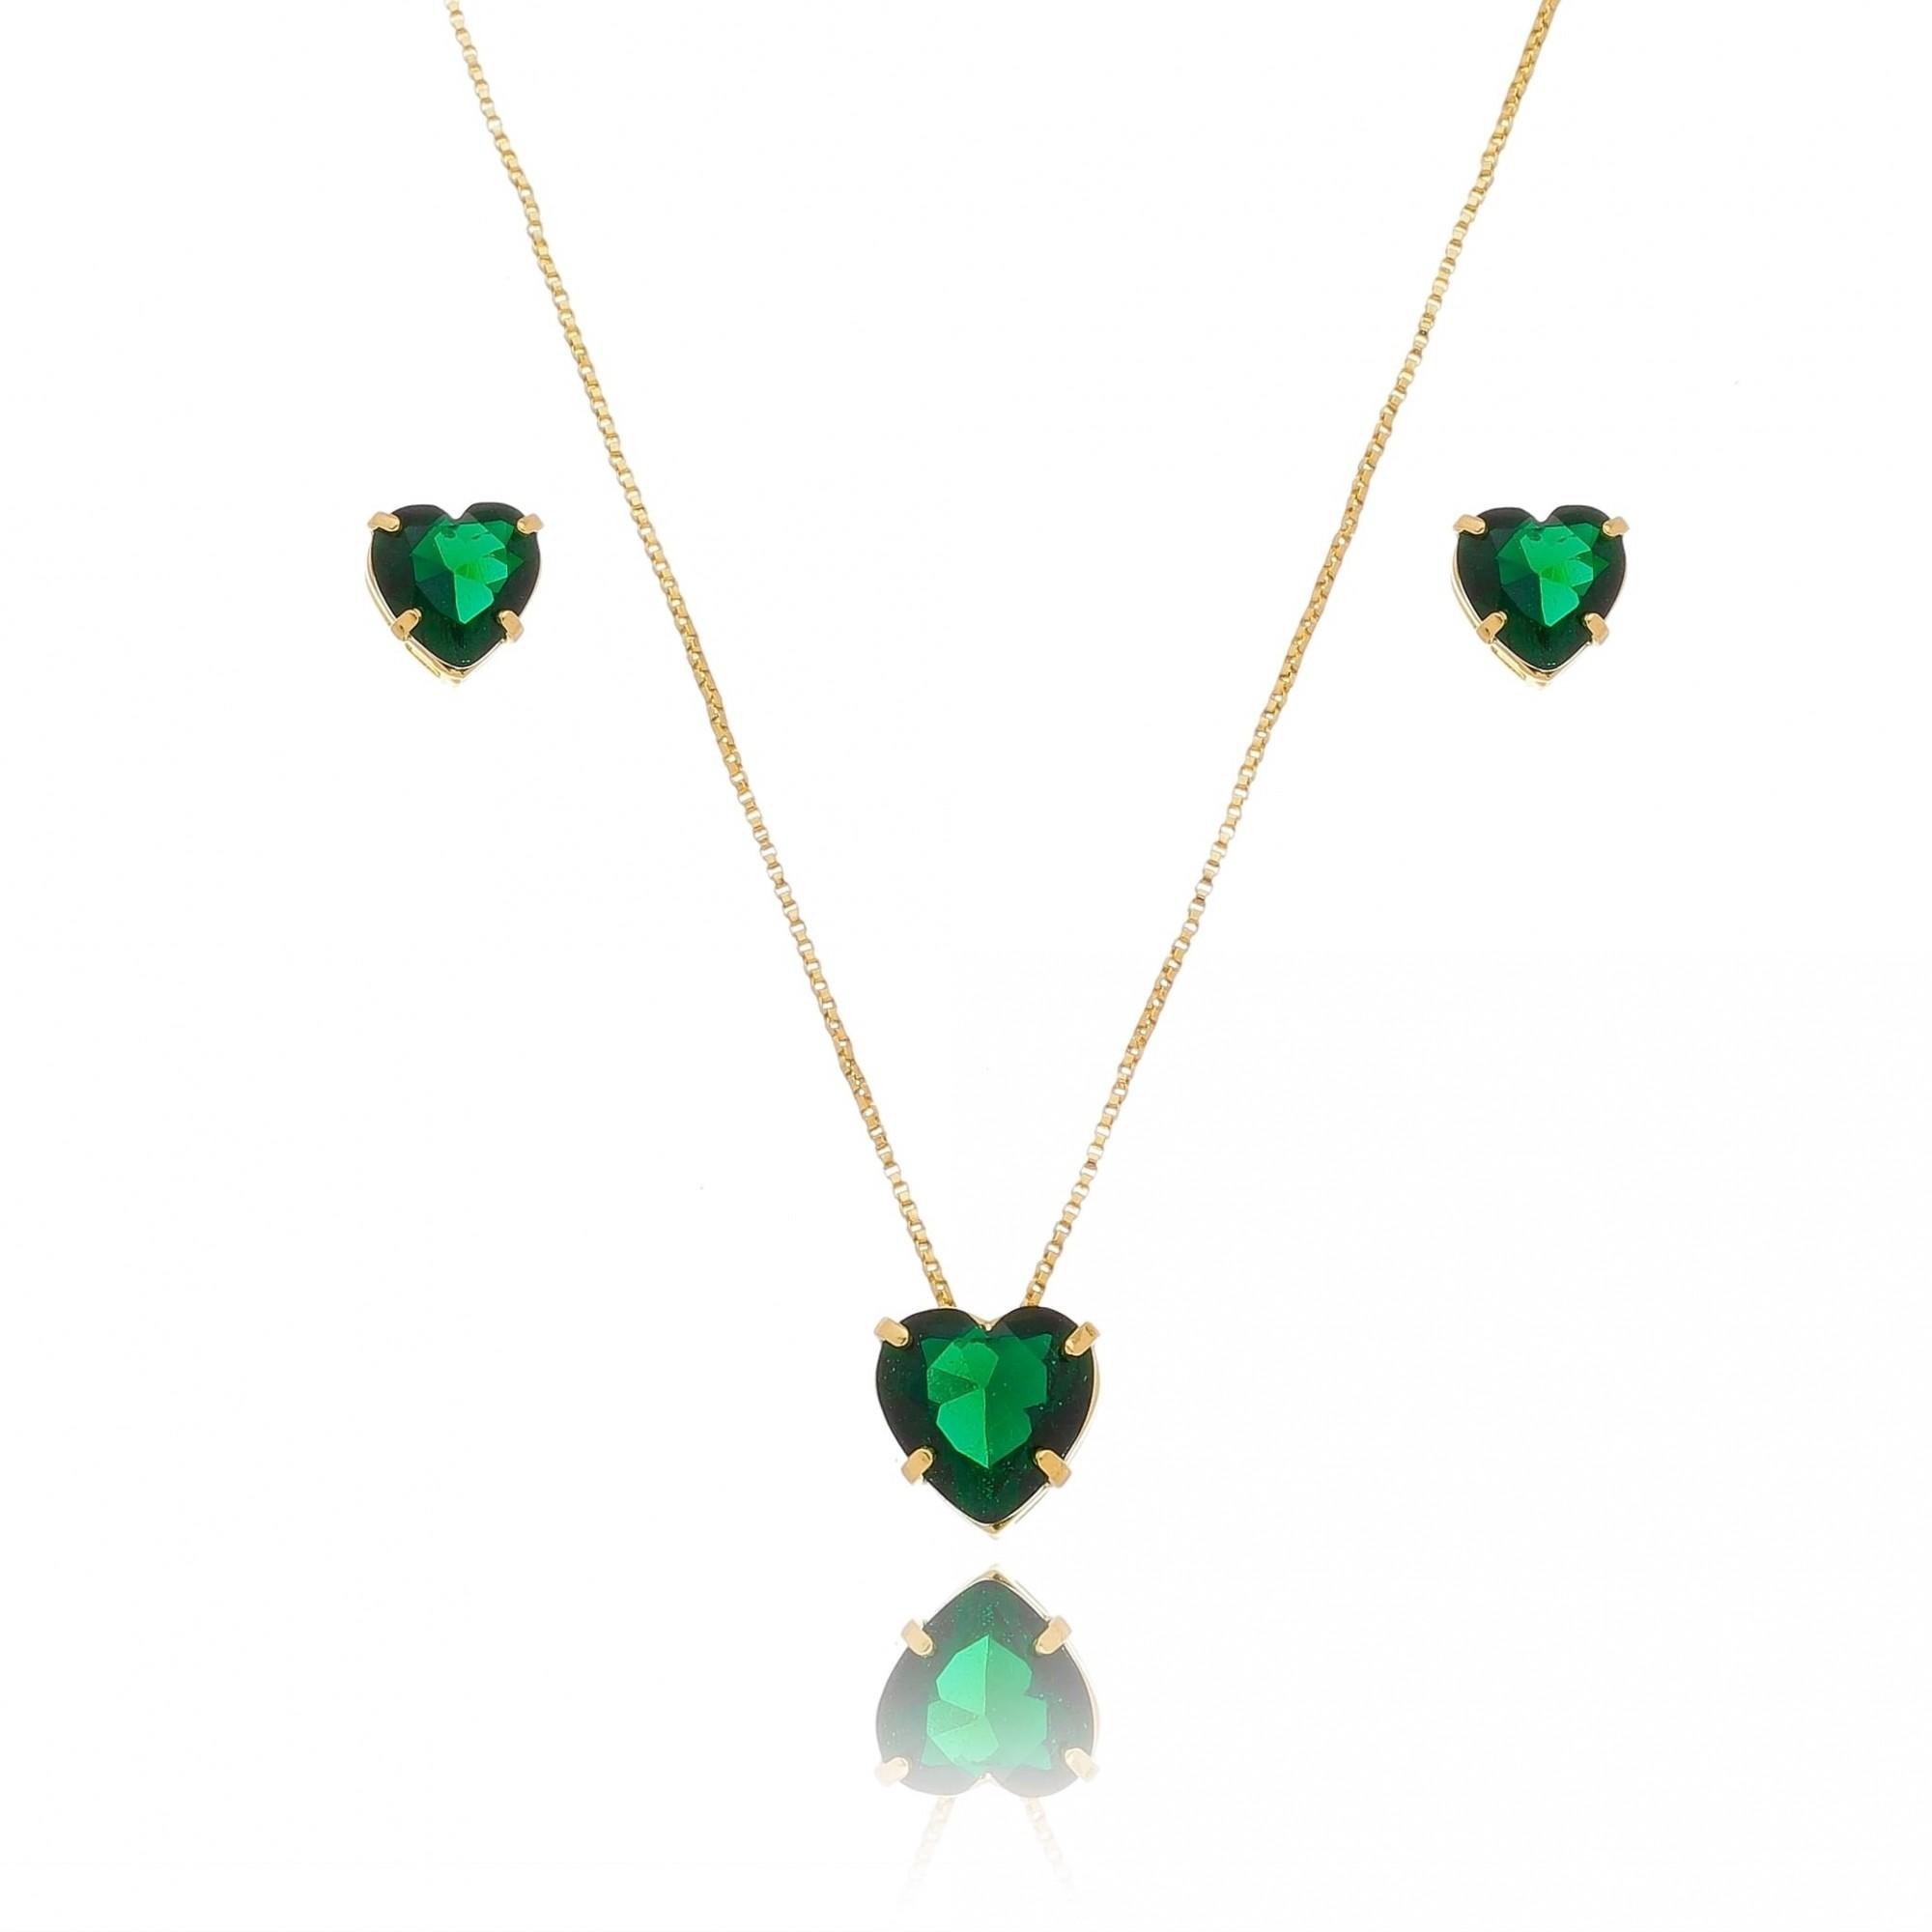 Conjunto de Colar e Brincos de Coração en Cristal Verde Folheado em Ouro 18k - Giro Semijoias